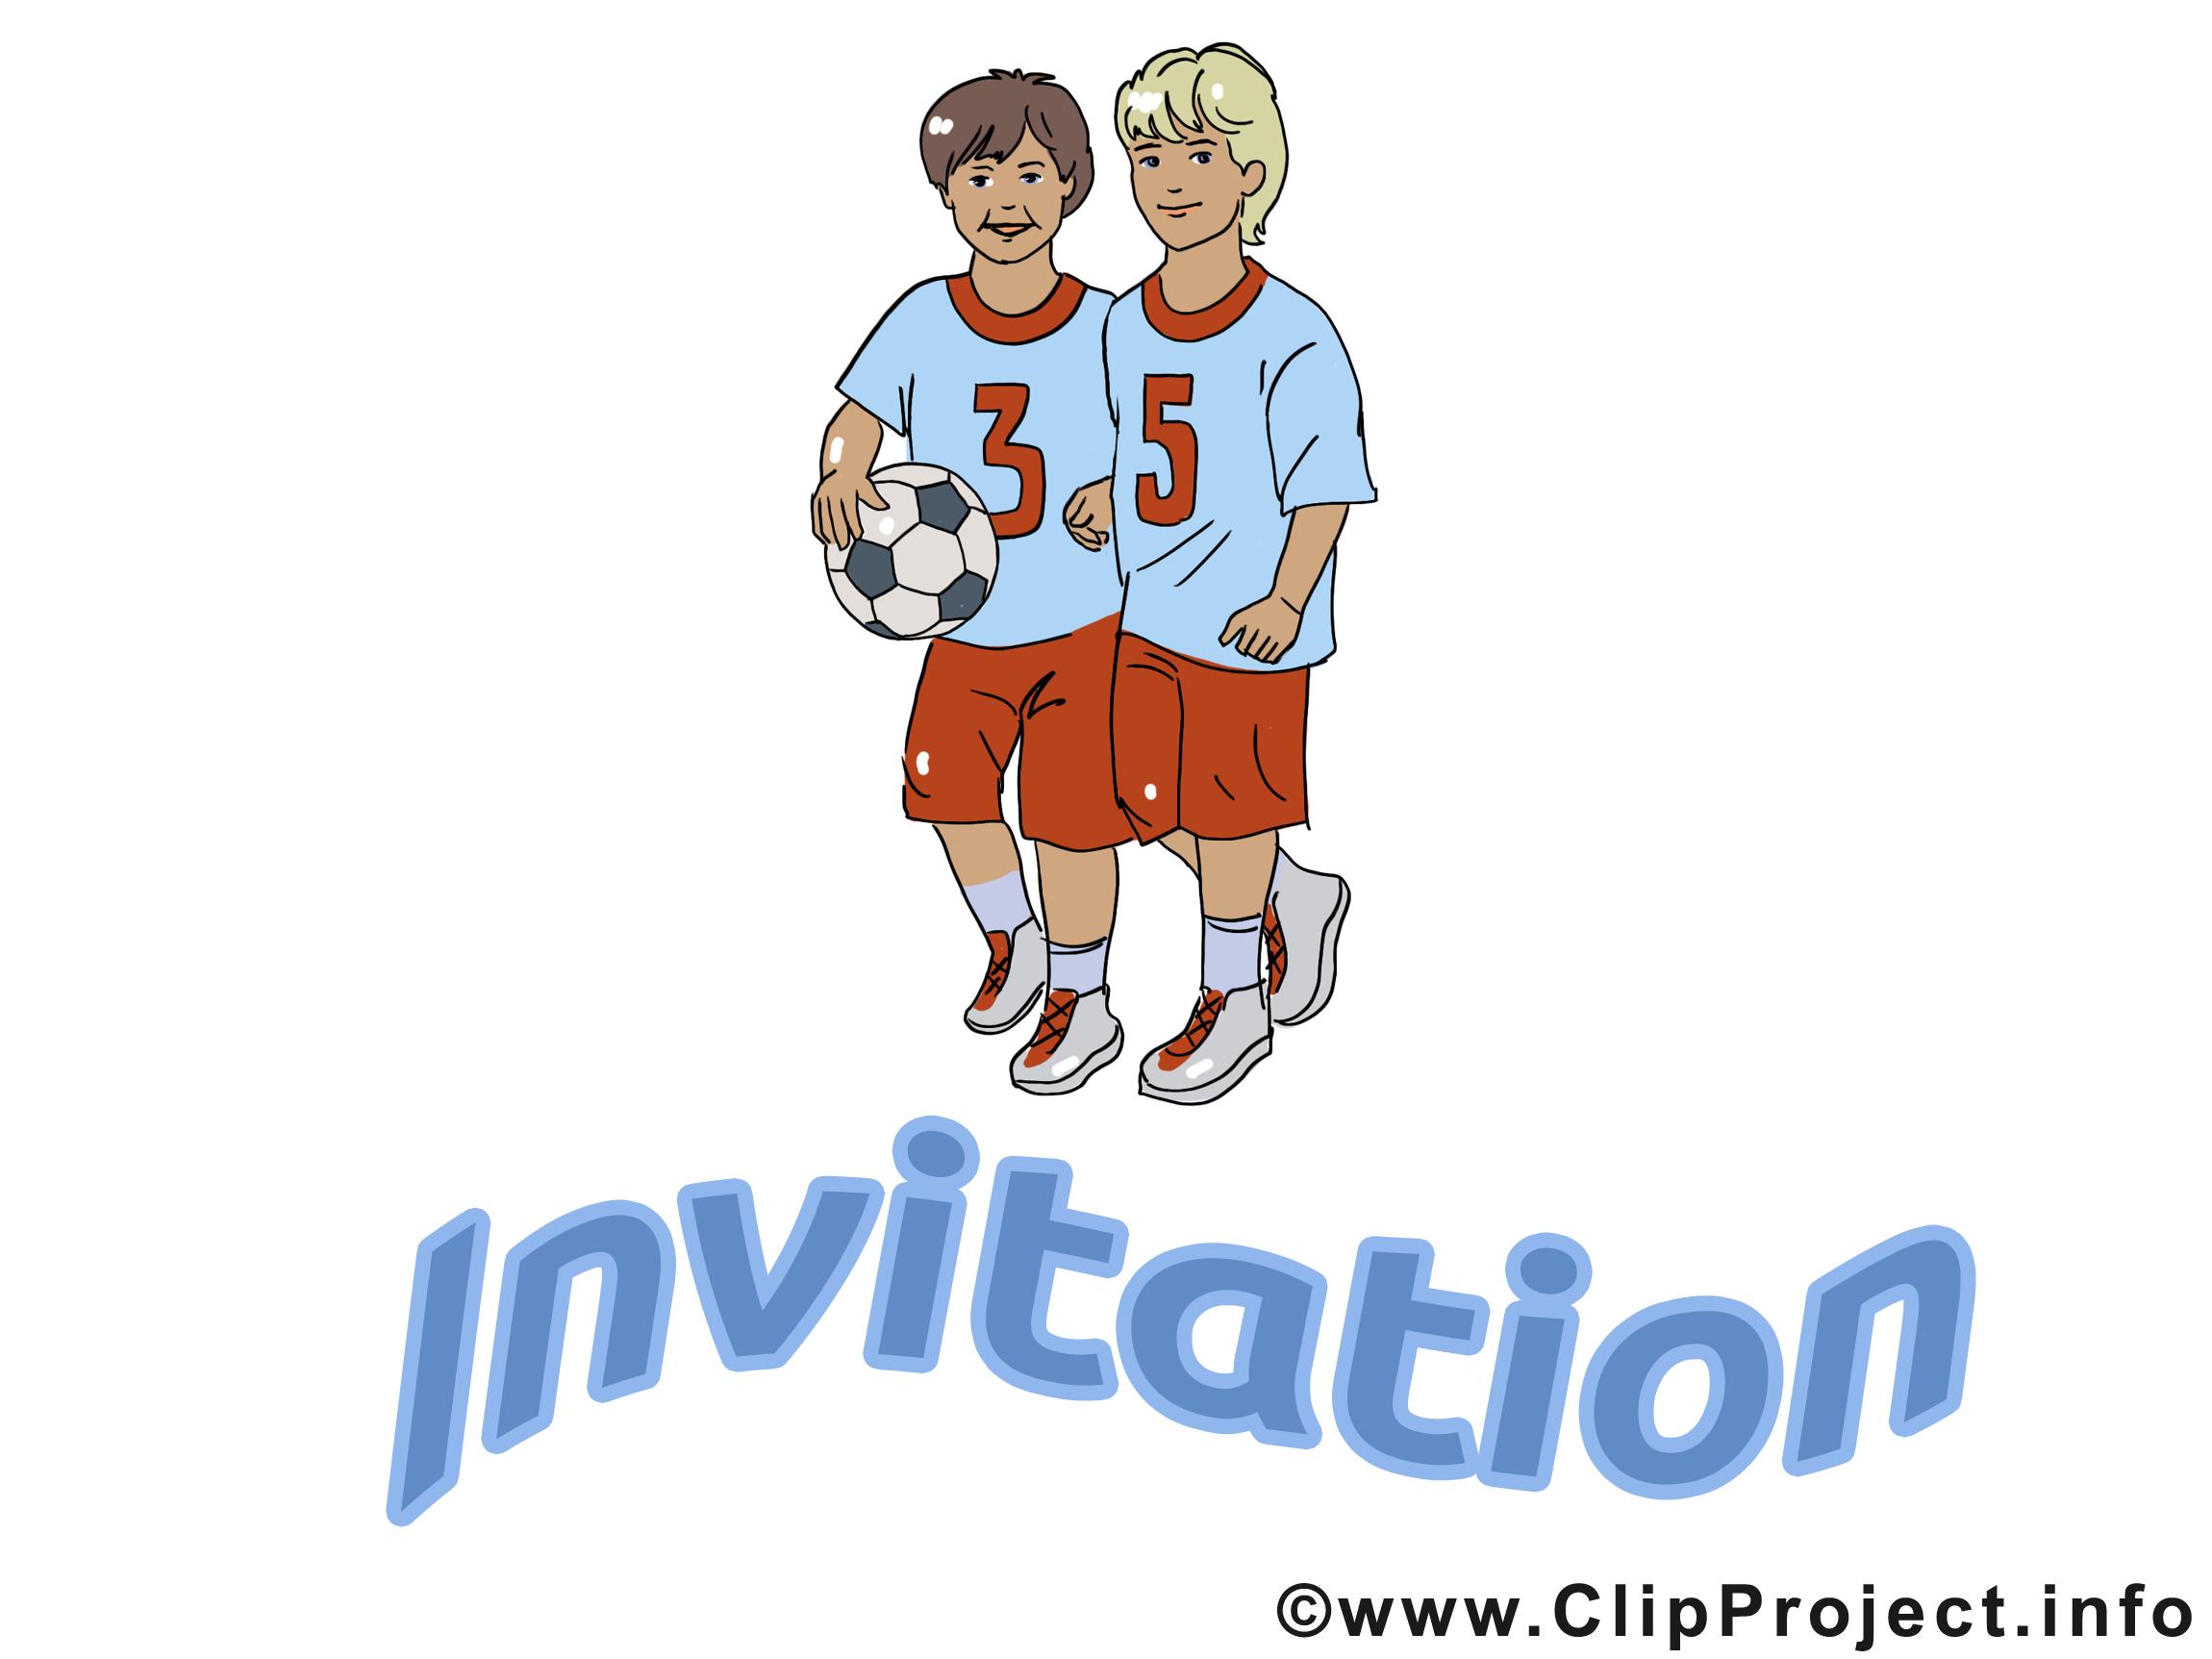 Footballeurs clip art gratuit – Invitation images